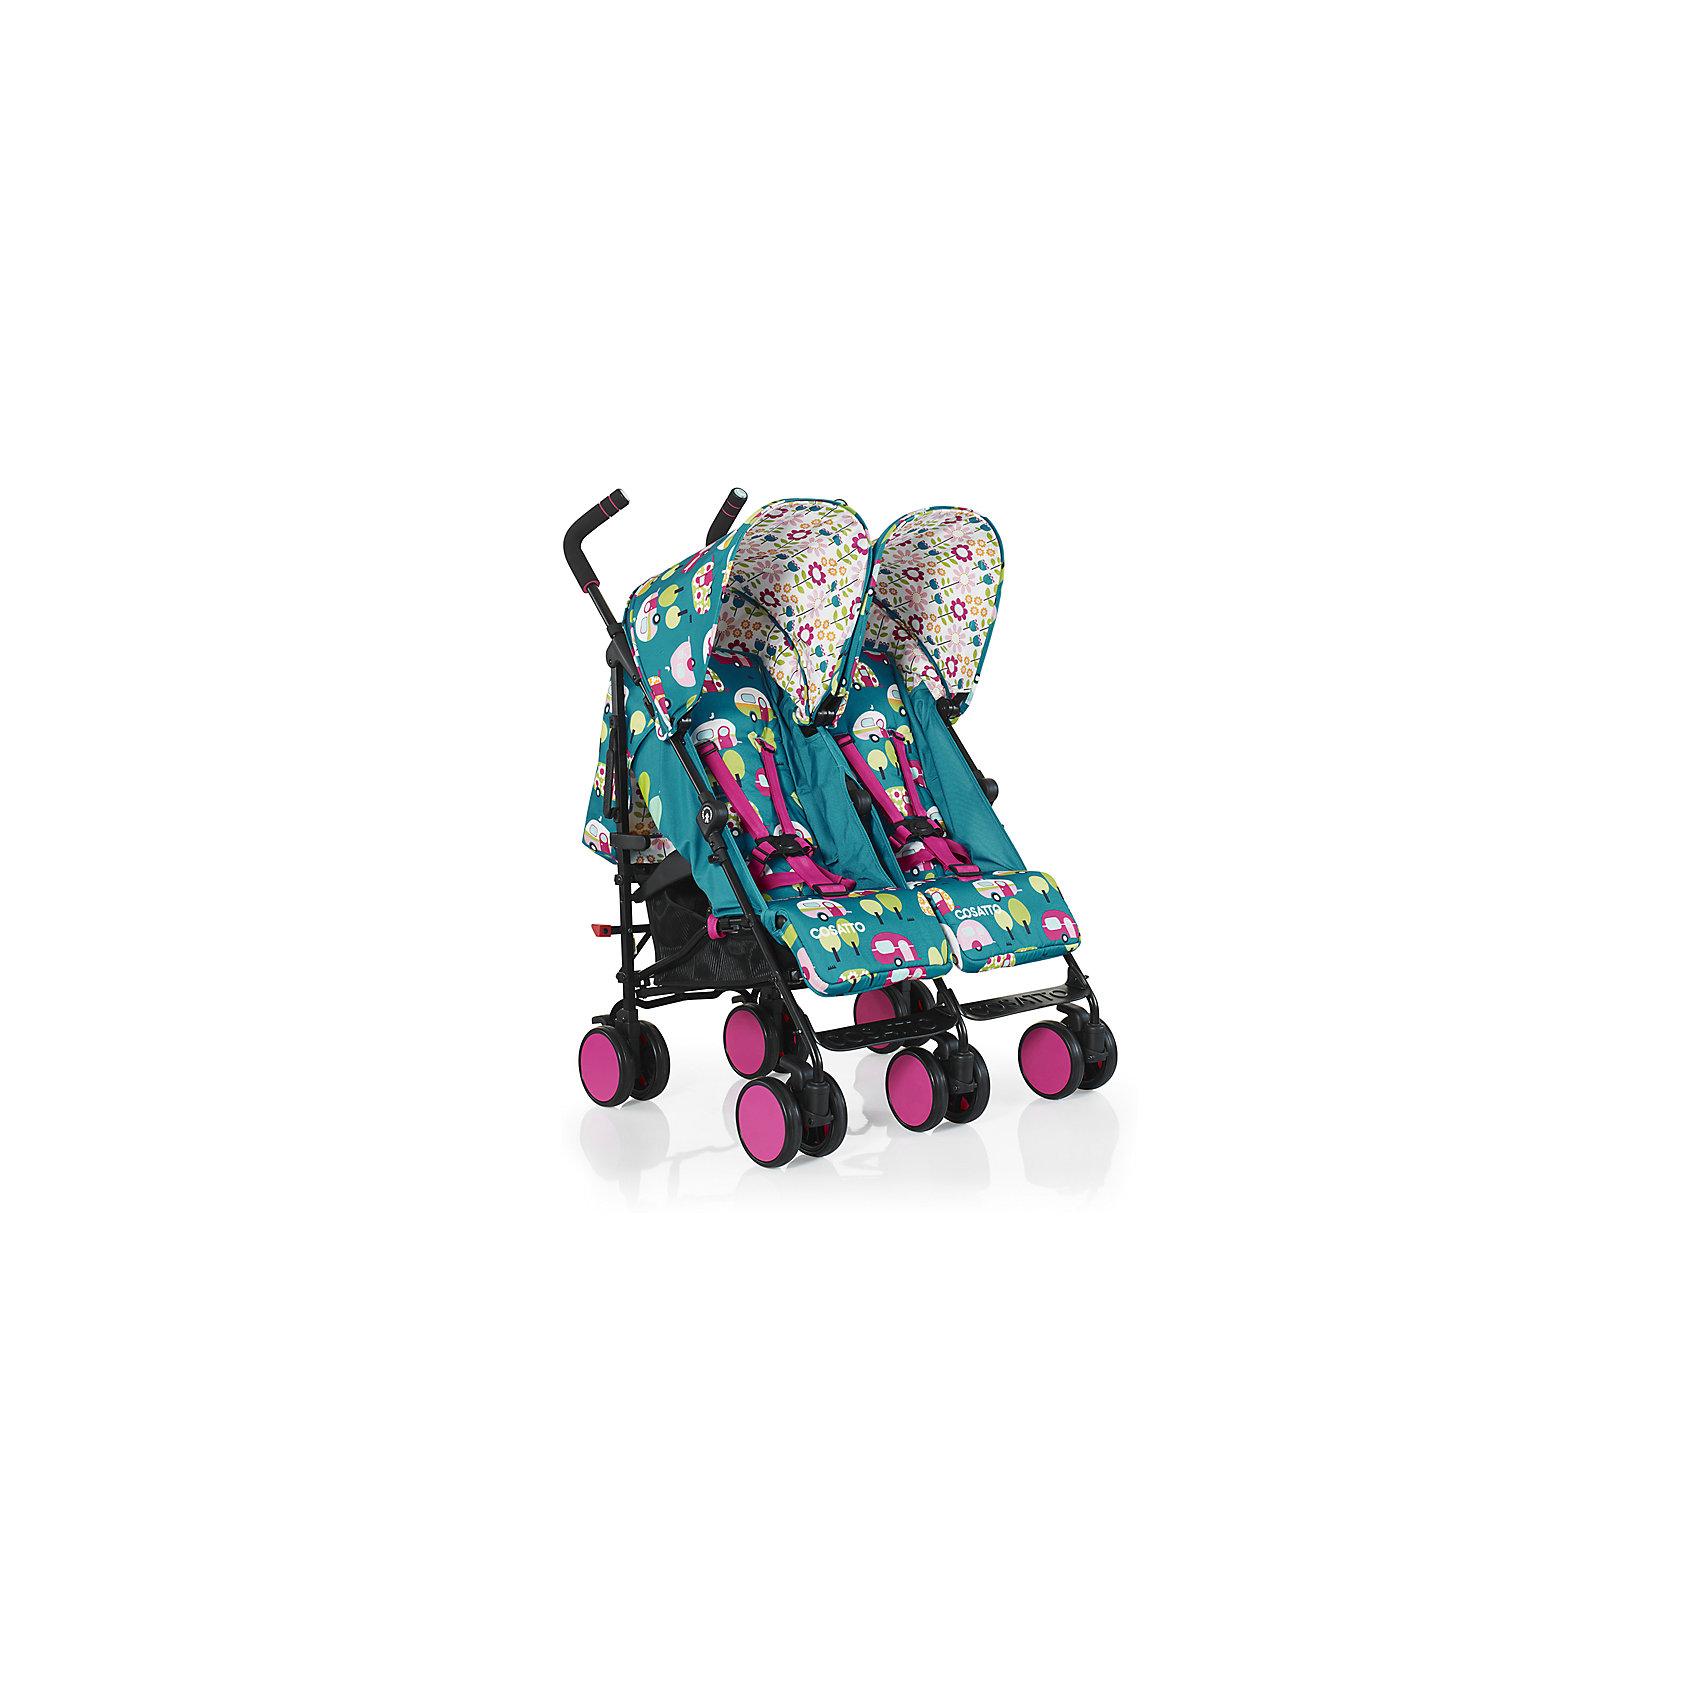 Коляска-трость для двойни Cosatto, Supa Dupa Go, Happy CampersКоляски для двойни<br>Cosatto SUPA DUPA GO - это яркая коляска-трость для двойни, которая может использоваться с самого рождения. Неповторимый дизайн и компактные размеры делают коляску особенно привлекательной как для детей так и для их родителей.<br>Характеристики:<br>•Для детей с рождения до 3 лет, весом до 15 кг на каждого ребенка<br>•4 позиции наклона спинок работают независимо друг от друга, регулируются одной рукой<br>•Регулируемая подставка для ножек<br>•Регулируемая высота ручки плюс третья ручка для простоты использования<br>•Встроенный прямо в капюшон прозрачный карман для iPad или другого планшета. Ваш ребенок сможет смотреть мультфильмы прямо лежа в коляске!<br>•Полностью раскладывающийся защитный капюшон<br>•Легко складывается, автоматическая блокировка<br>•Вместительная корзина хранения<br>•Возможность стоять в сложенном состоянии без дополнительной опоры<br>•Полностью съемное сиденье для легкой чистки<br>•Блокировка передних поворотных колес<br>•Легкое алюминиевое шасси с рукояткой для переноски<br>•В комплекте:  дождевик<br>Размеры:<br>В разложенном виде (Д х Ш х В), см: 103 х 72 х 70<br>В сложенном виде (Д х Ш х В), см: 103 х 50 х 38<br>Каждое сиденье (Ш х Г), см: 28 х 19<br>Глубина каждого сиденья с поднятой подножкой: 33 см<br>Длина спинки: 48 см<br>Длина спального места: 82 см<br>Высота ручки, см: 103-106<br>Внешнее расстояние между задними колесами: 72,5 см<br>Диаметр колес: 14 см<br>Вес: 13,8 кг<br><br>Ширина мм: 107<br>Глубина мм: 300<br>Высота мм: 450<br>Вес г: 16000<br>Возраст от месяцев: 6<br>Возраст до месяцев: 36<br>Пол: Унисекс<br>Возраст: Детский<br>SKU: 5543875